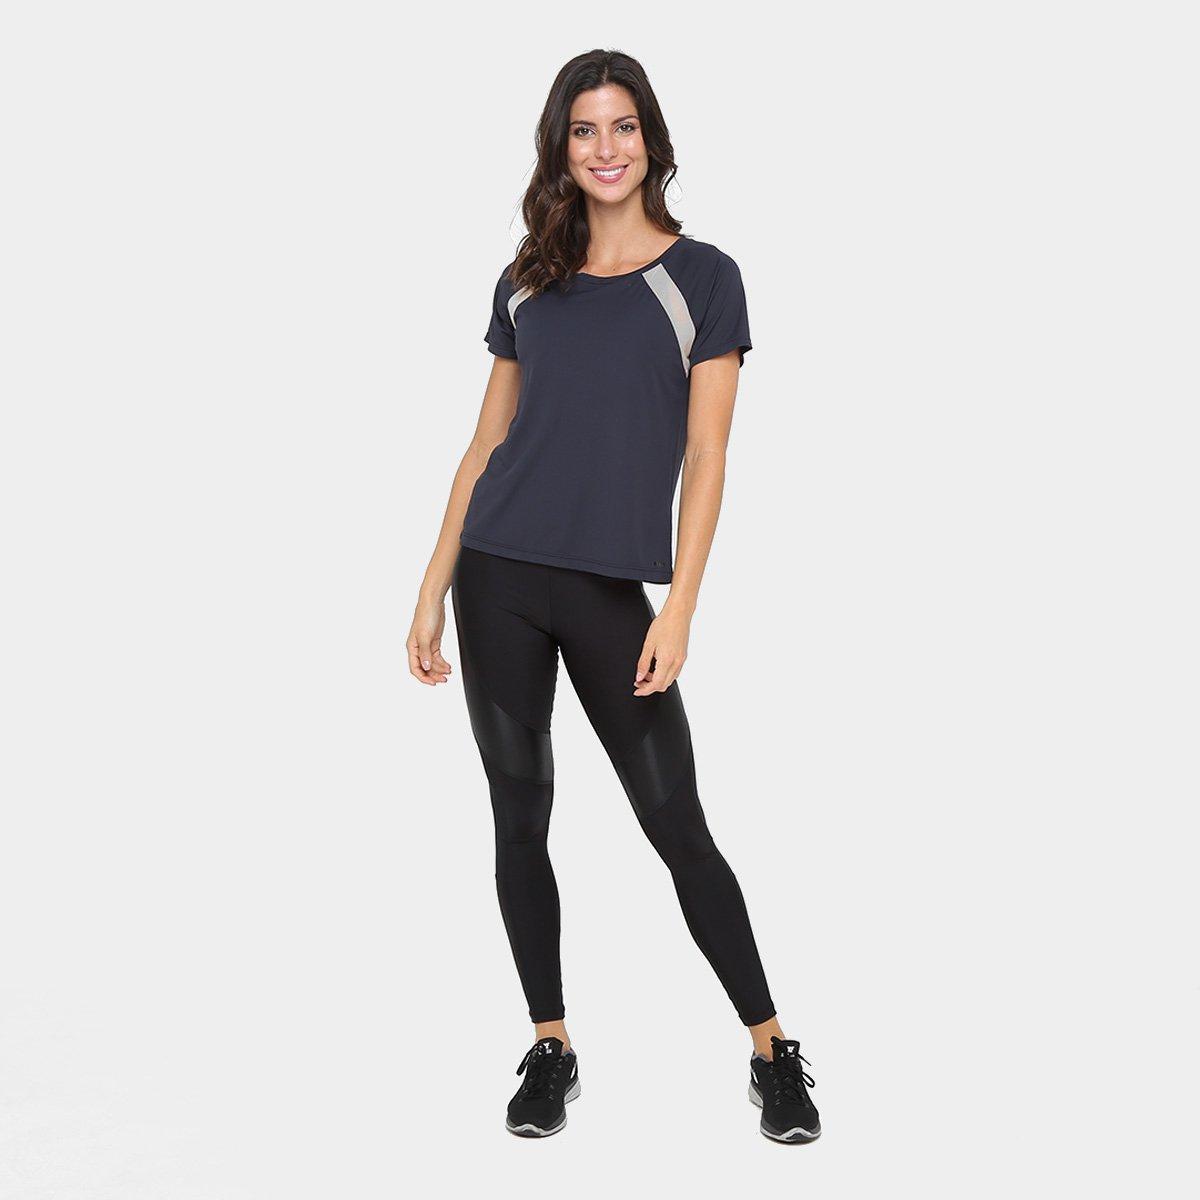 Faixa Tule Feminina Faixa Memo Tule Memo Memo Preto Camiseta Camiseta Faixa Camiseta Feminina Preto xwRddtT